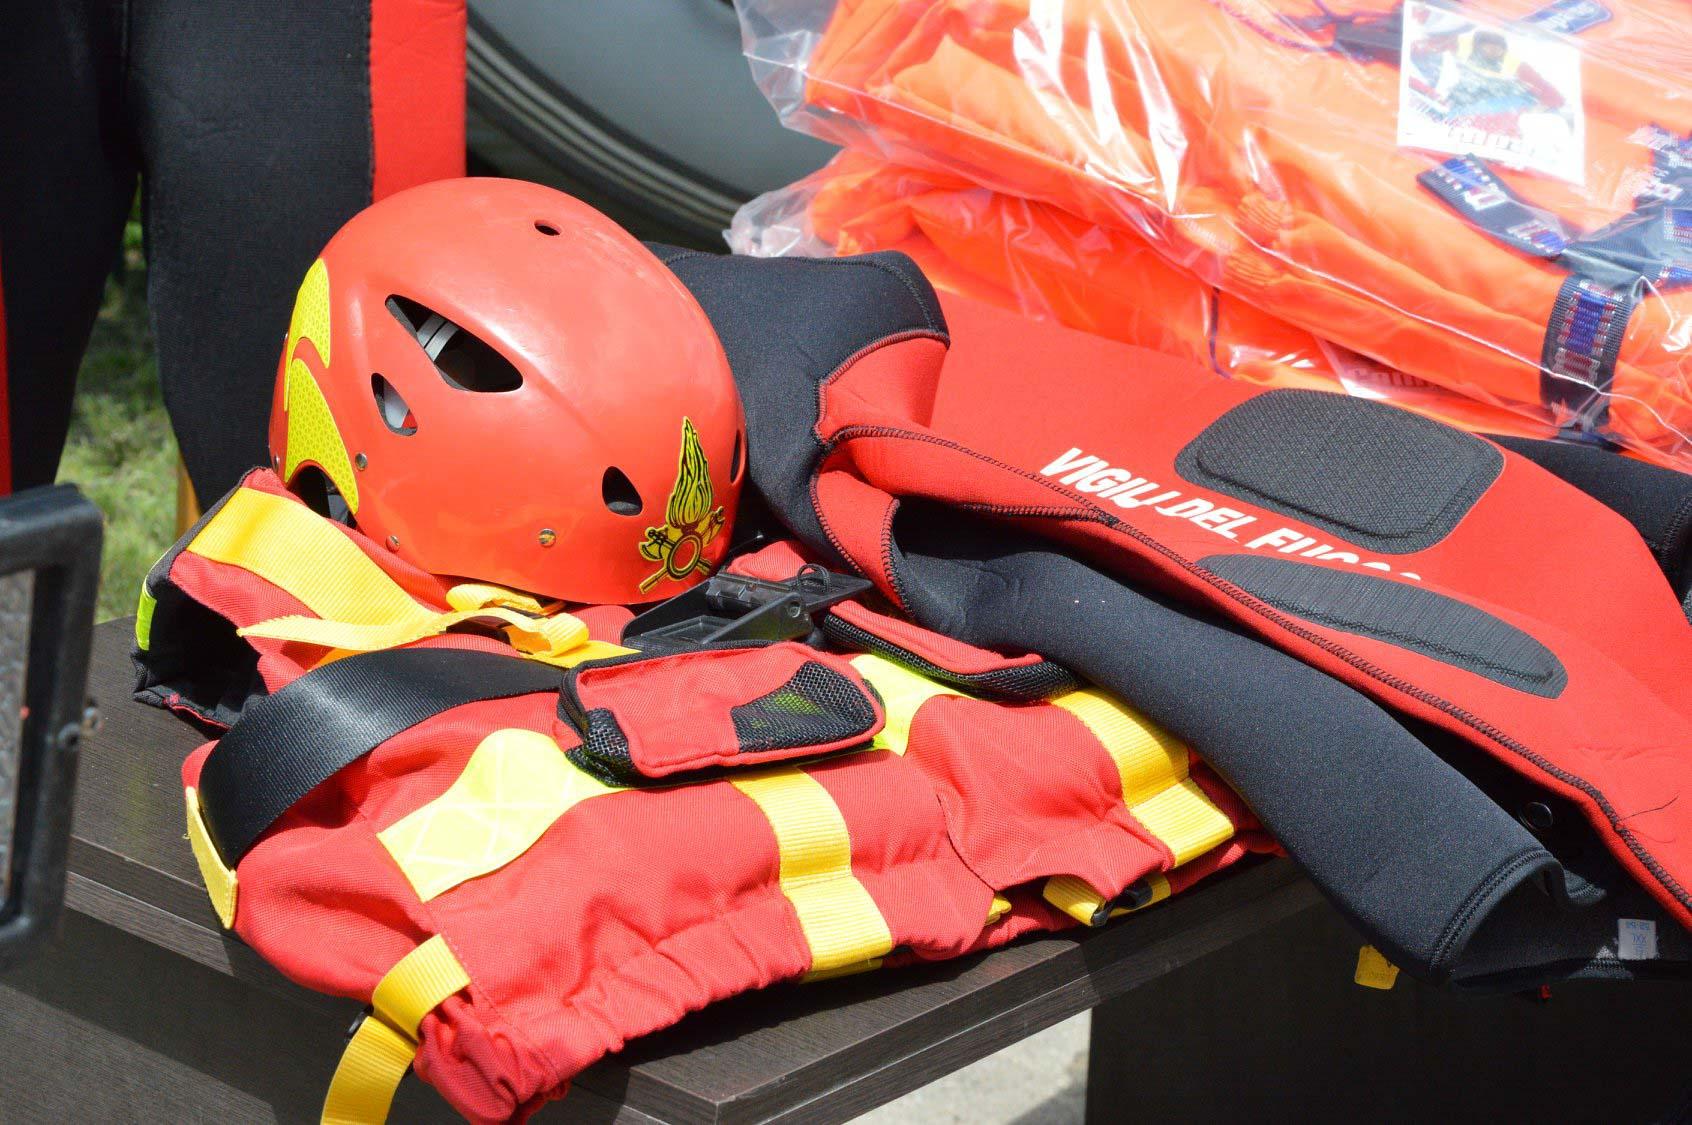 Прикарпатські рятувальники, які працюють у найбільш постраждалих районах, отримали допомогу з Італії (ФОТО)